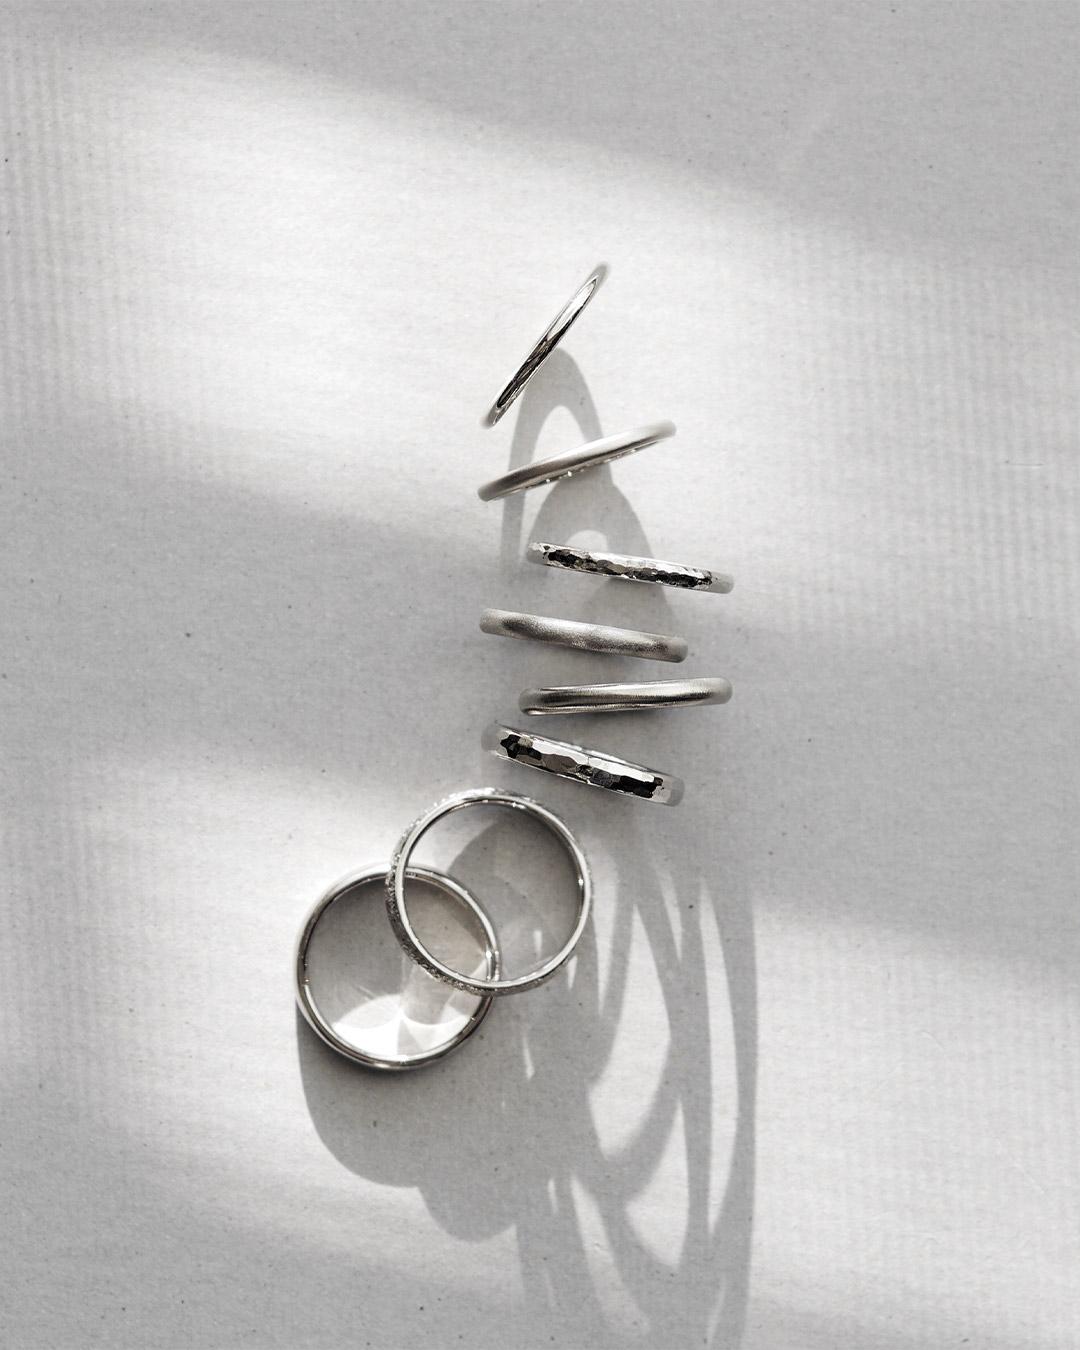 シンプルなデザインの結婚指輪